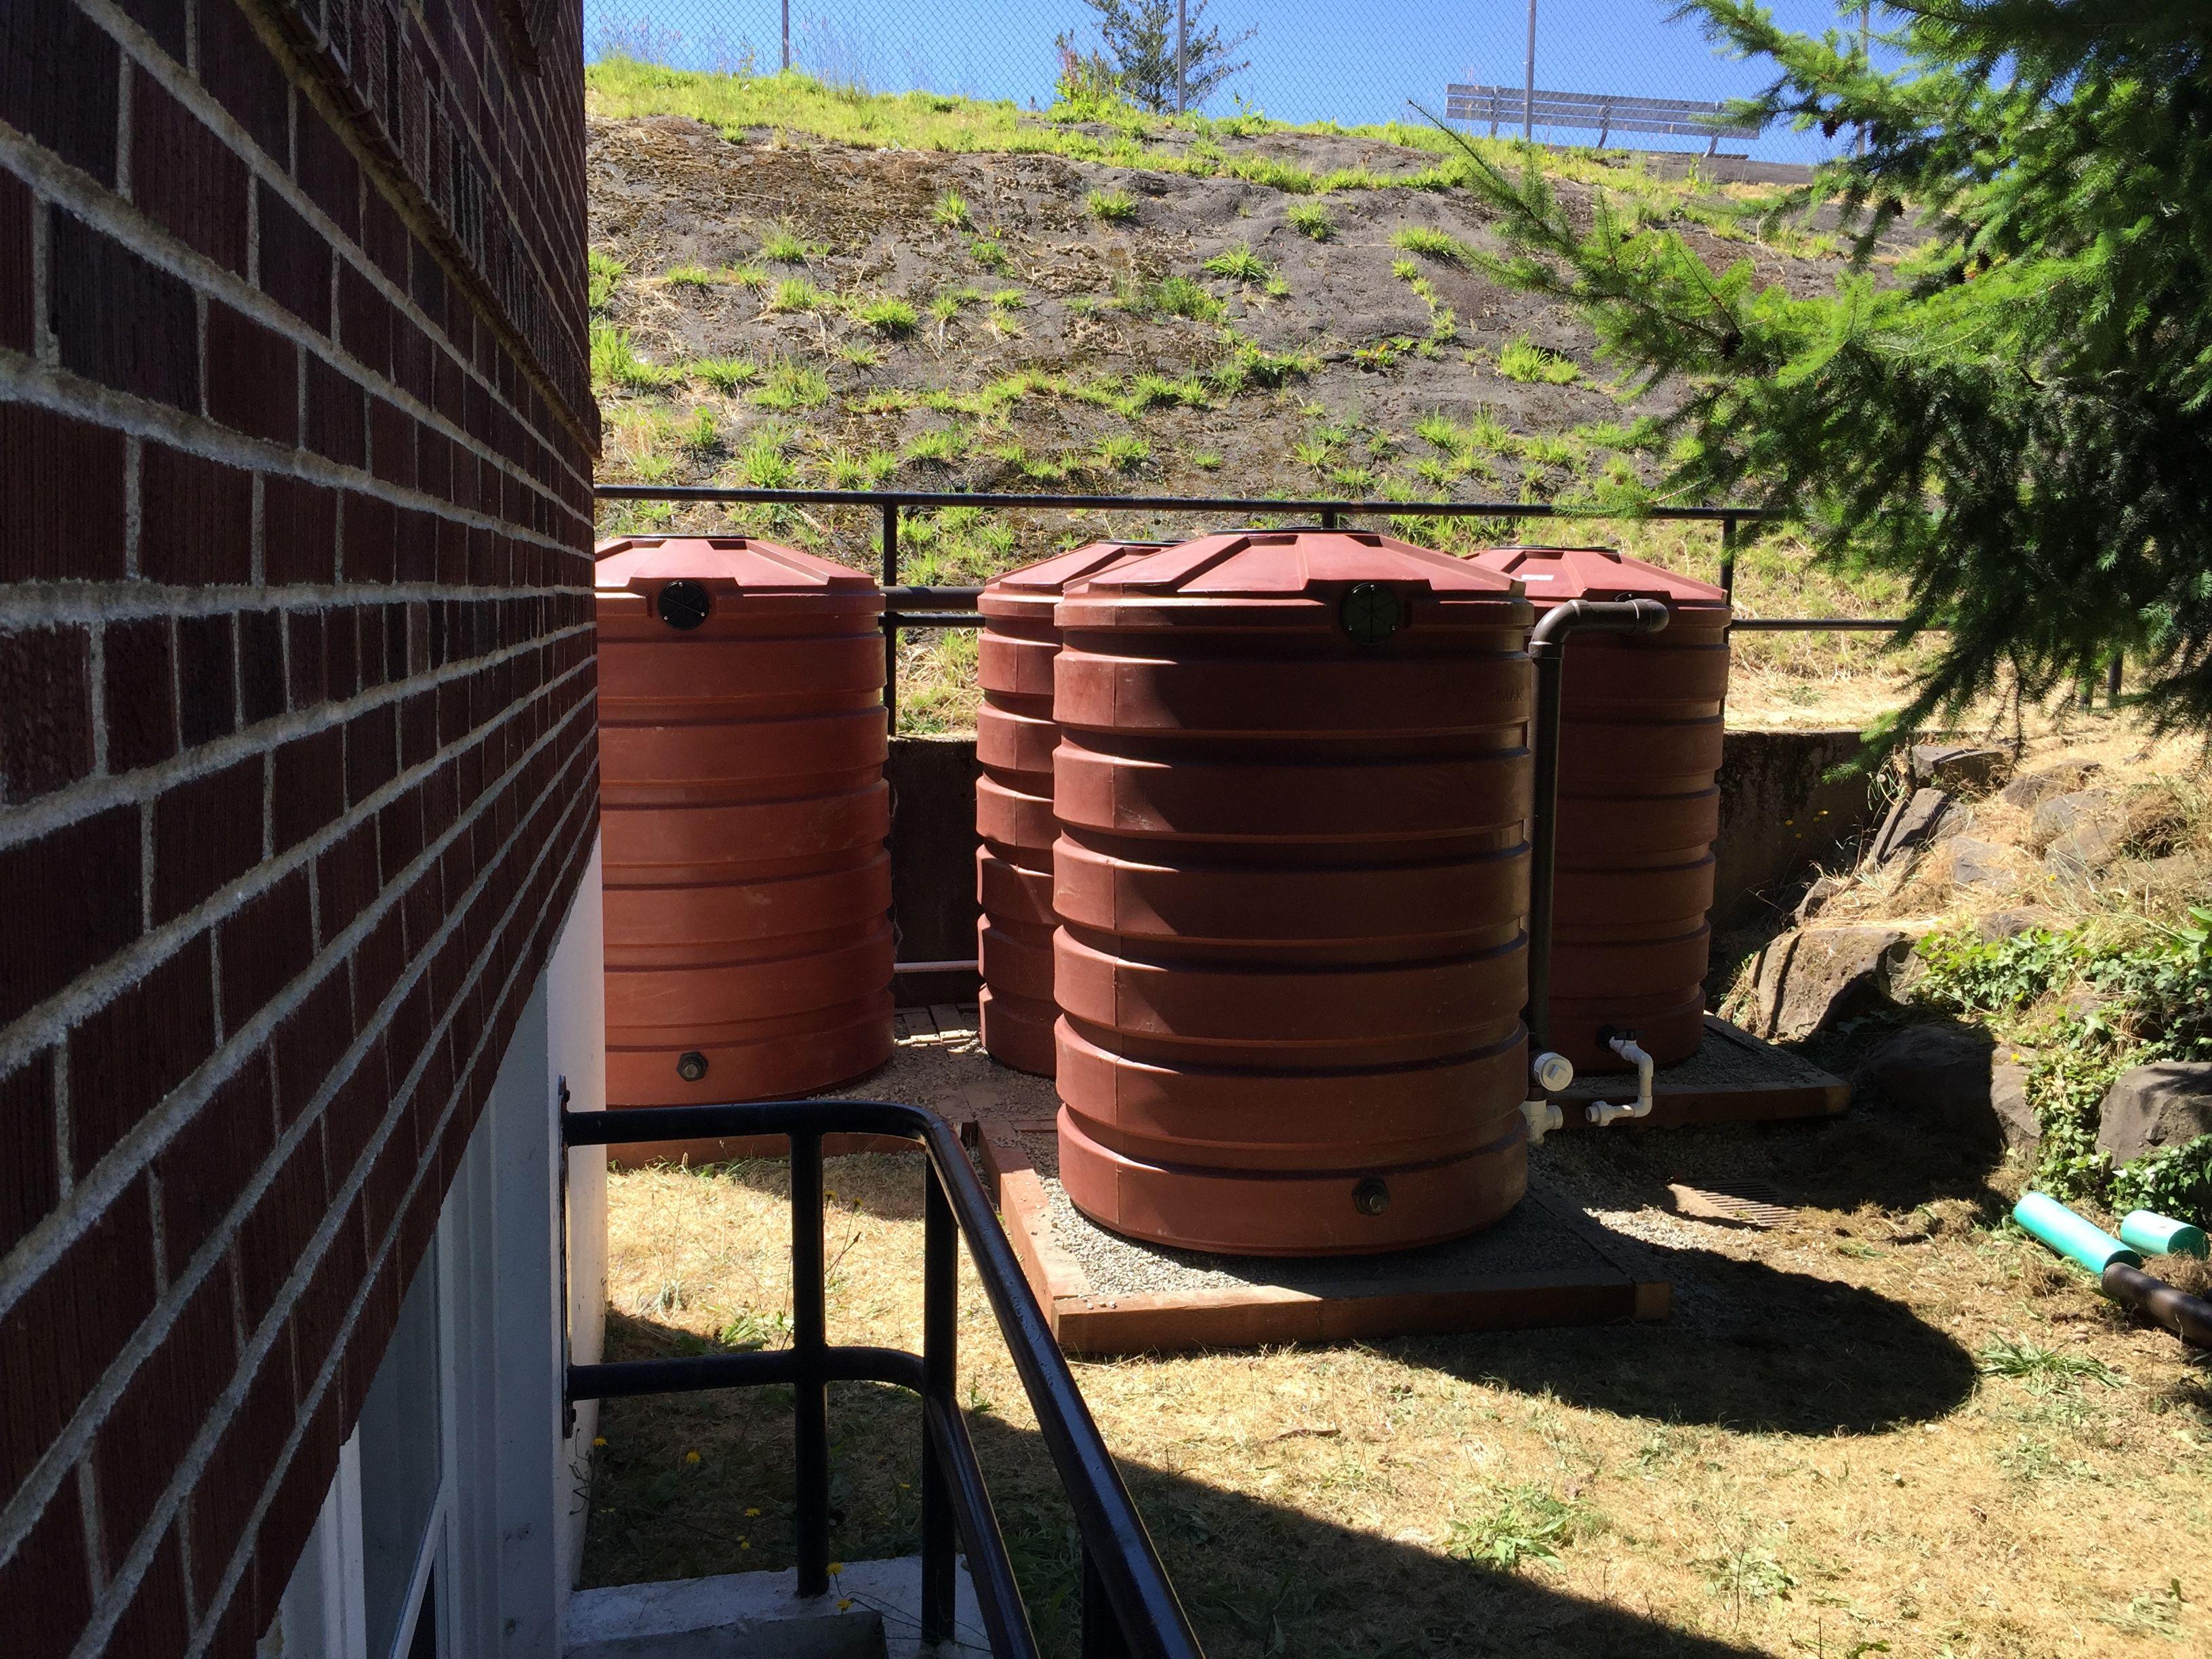 420 Gallon Rain Tanks At This West Seattle Church